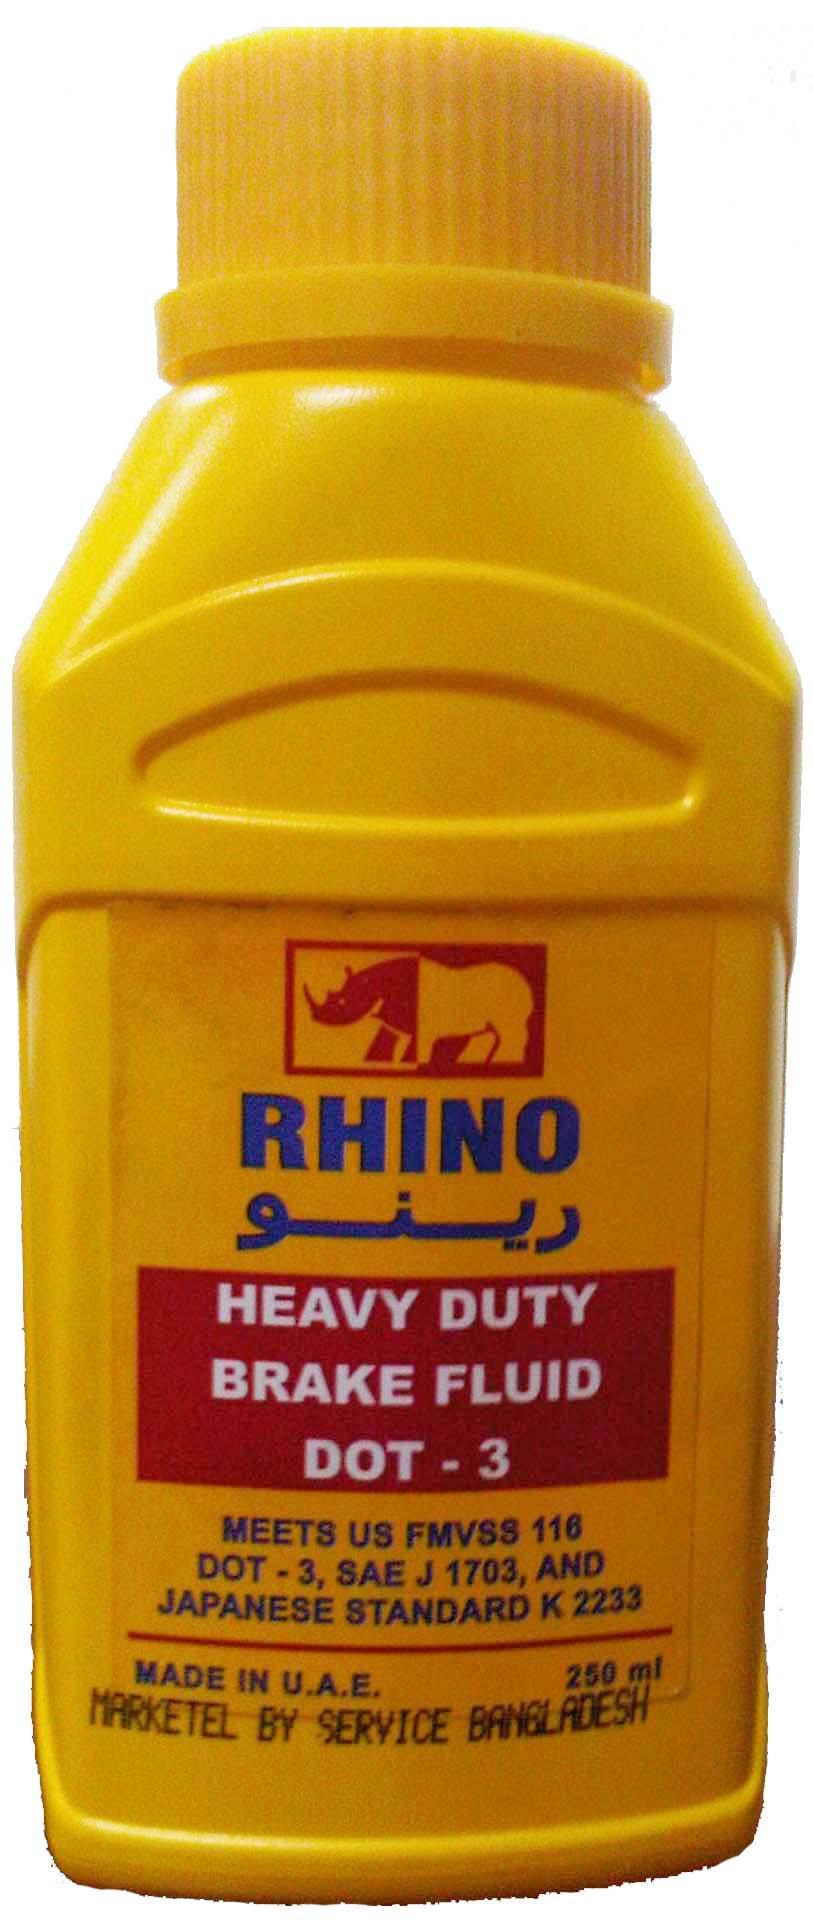 Super Quality Engine Oil ATF Brake Oil Oil Filter. | ClickBD large image 1